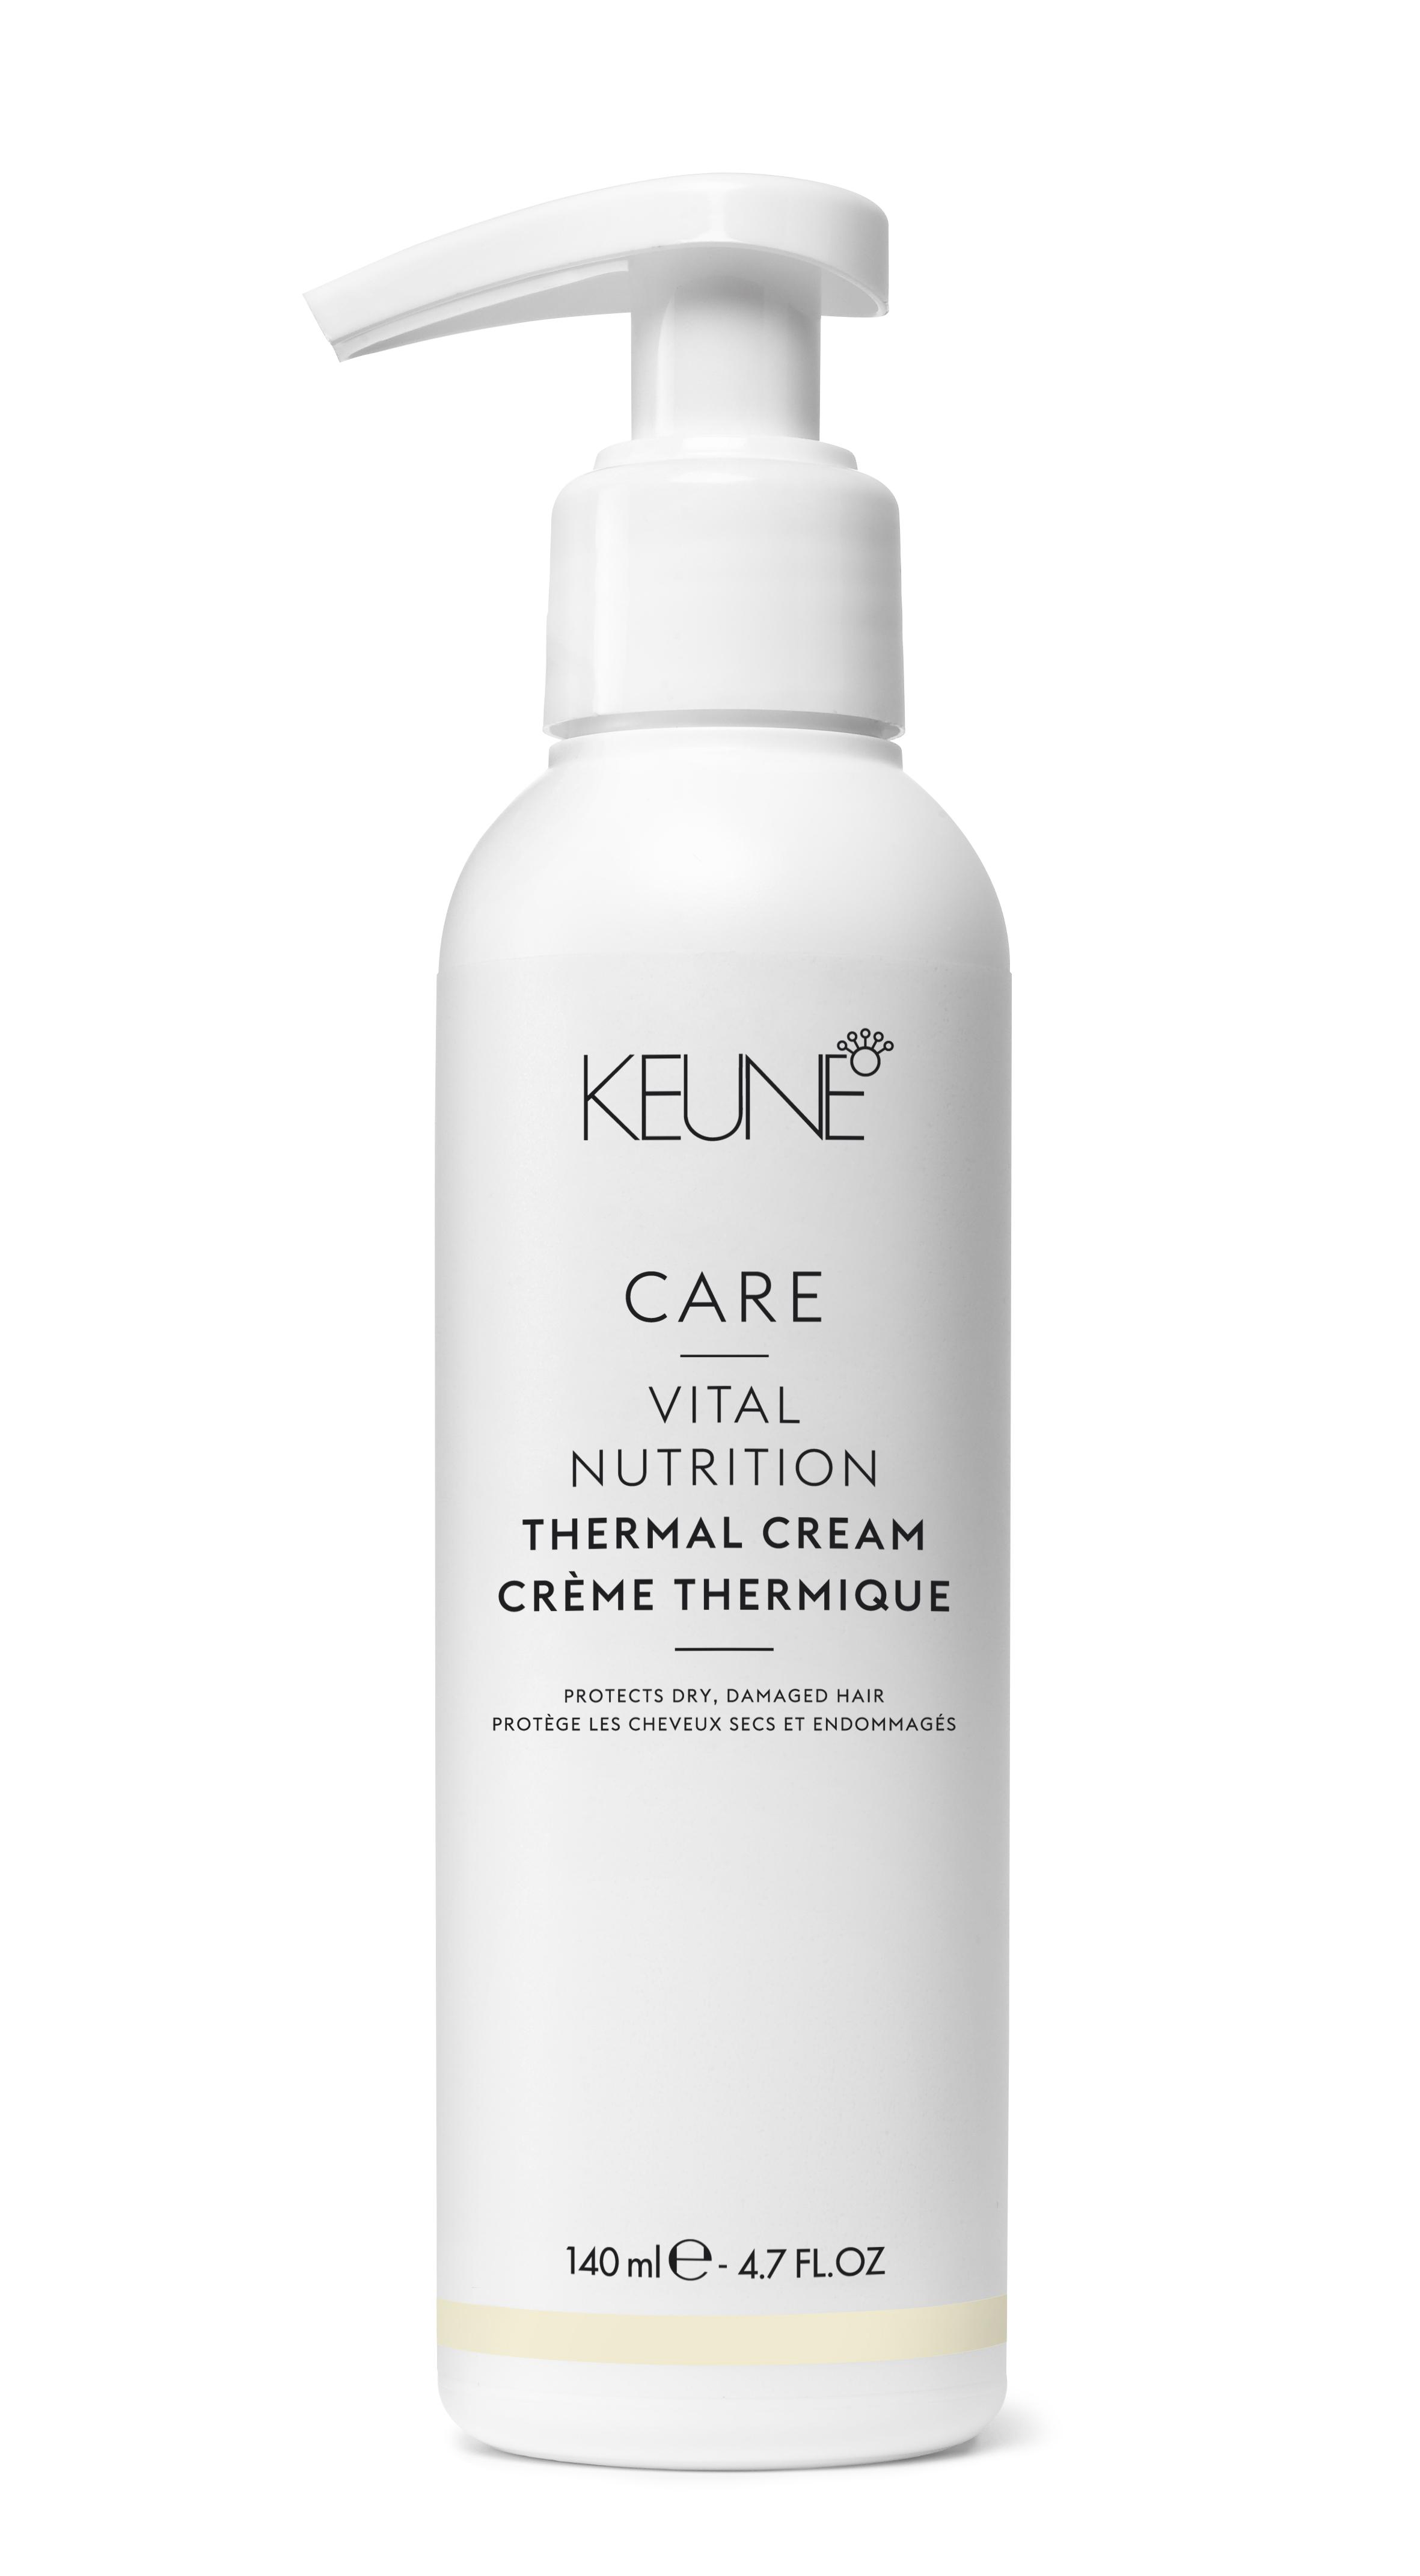 KEUNE Крем термо-защита Основное питание / CARE Vital Nutr Thermal Cream 140 мл keune крем выпрямляющий straight cream 200мл